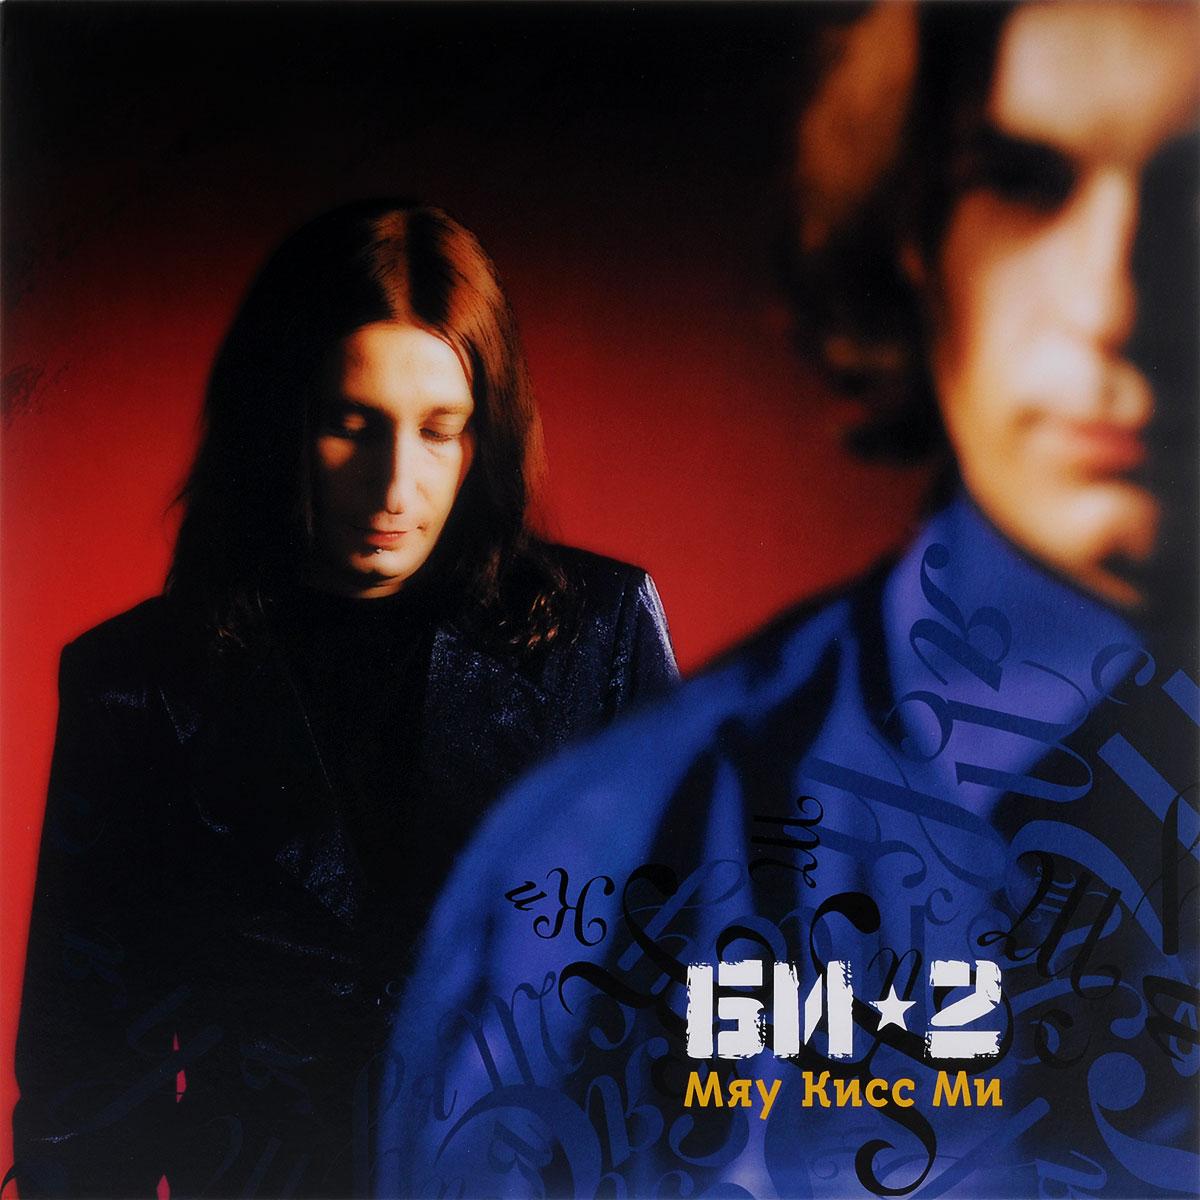 Би-2 БИ-2. Мяу Кисс Ми (LP) mi 313 migix movement music купить дешево в китае